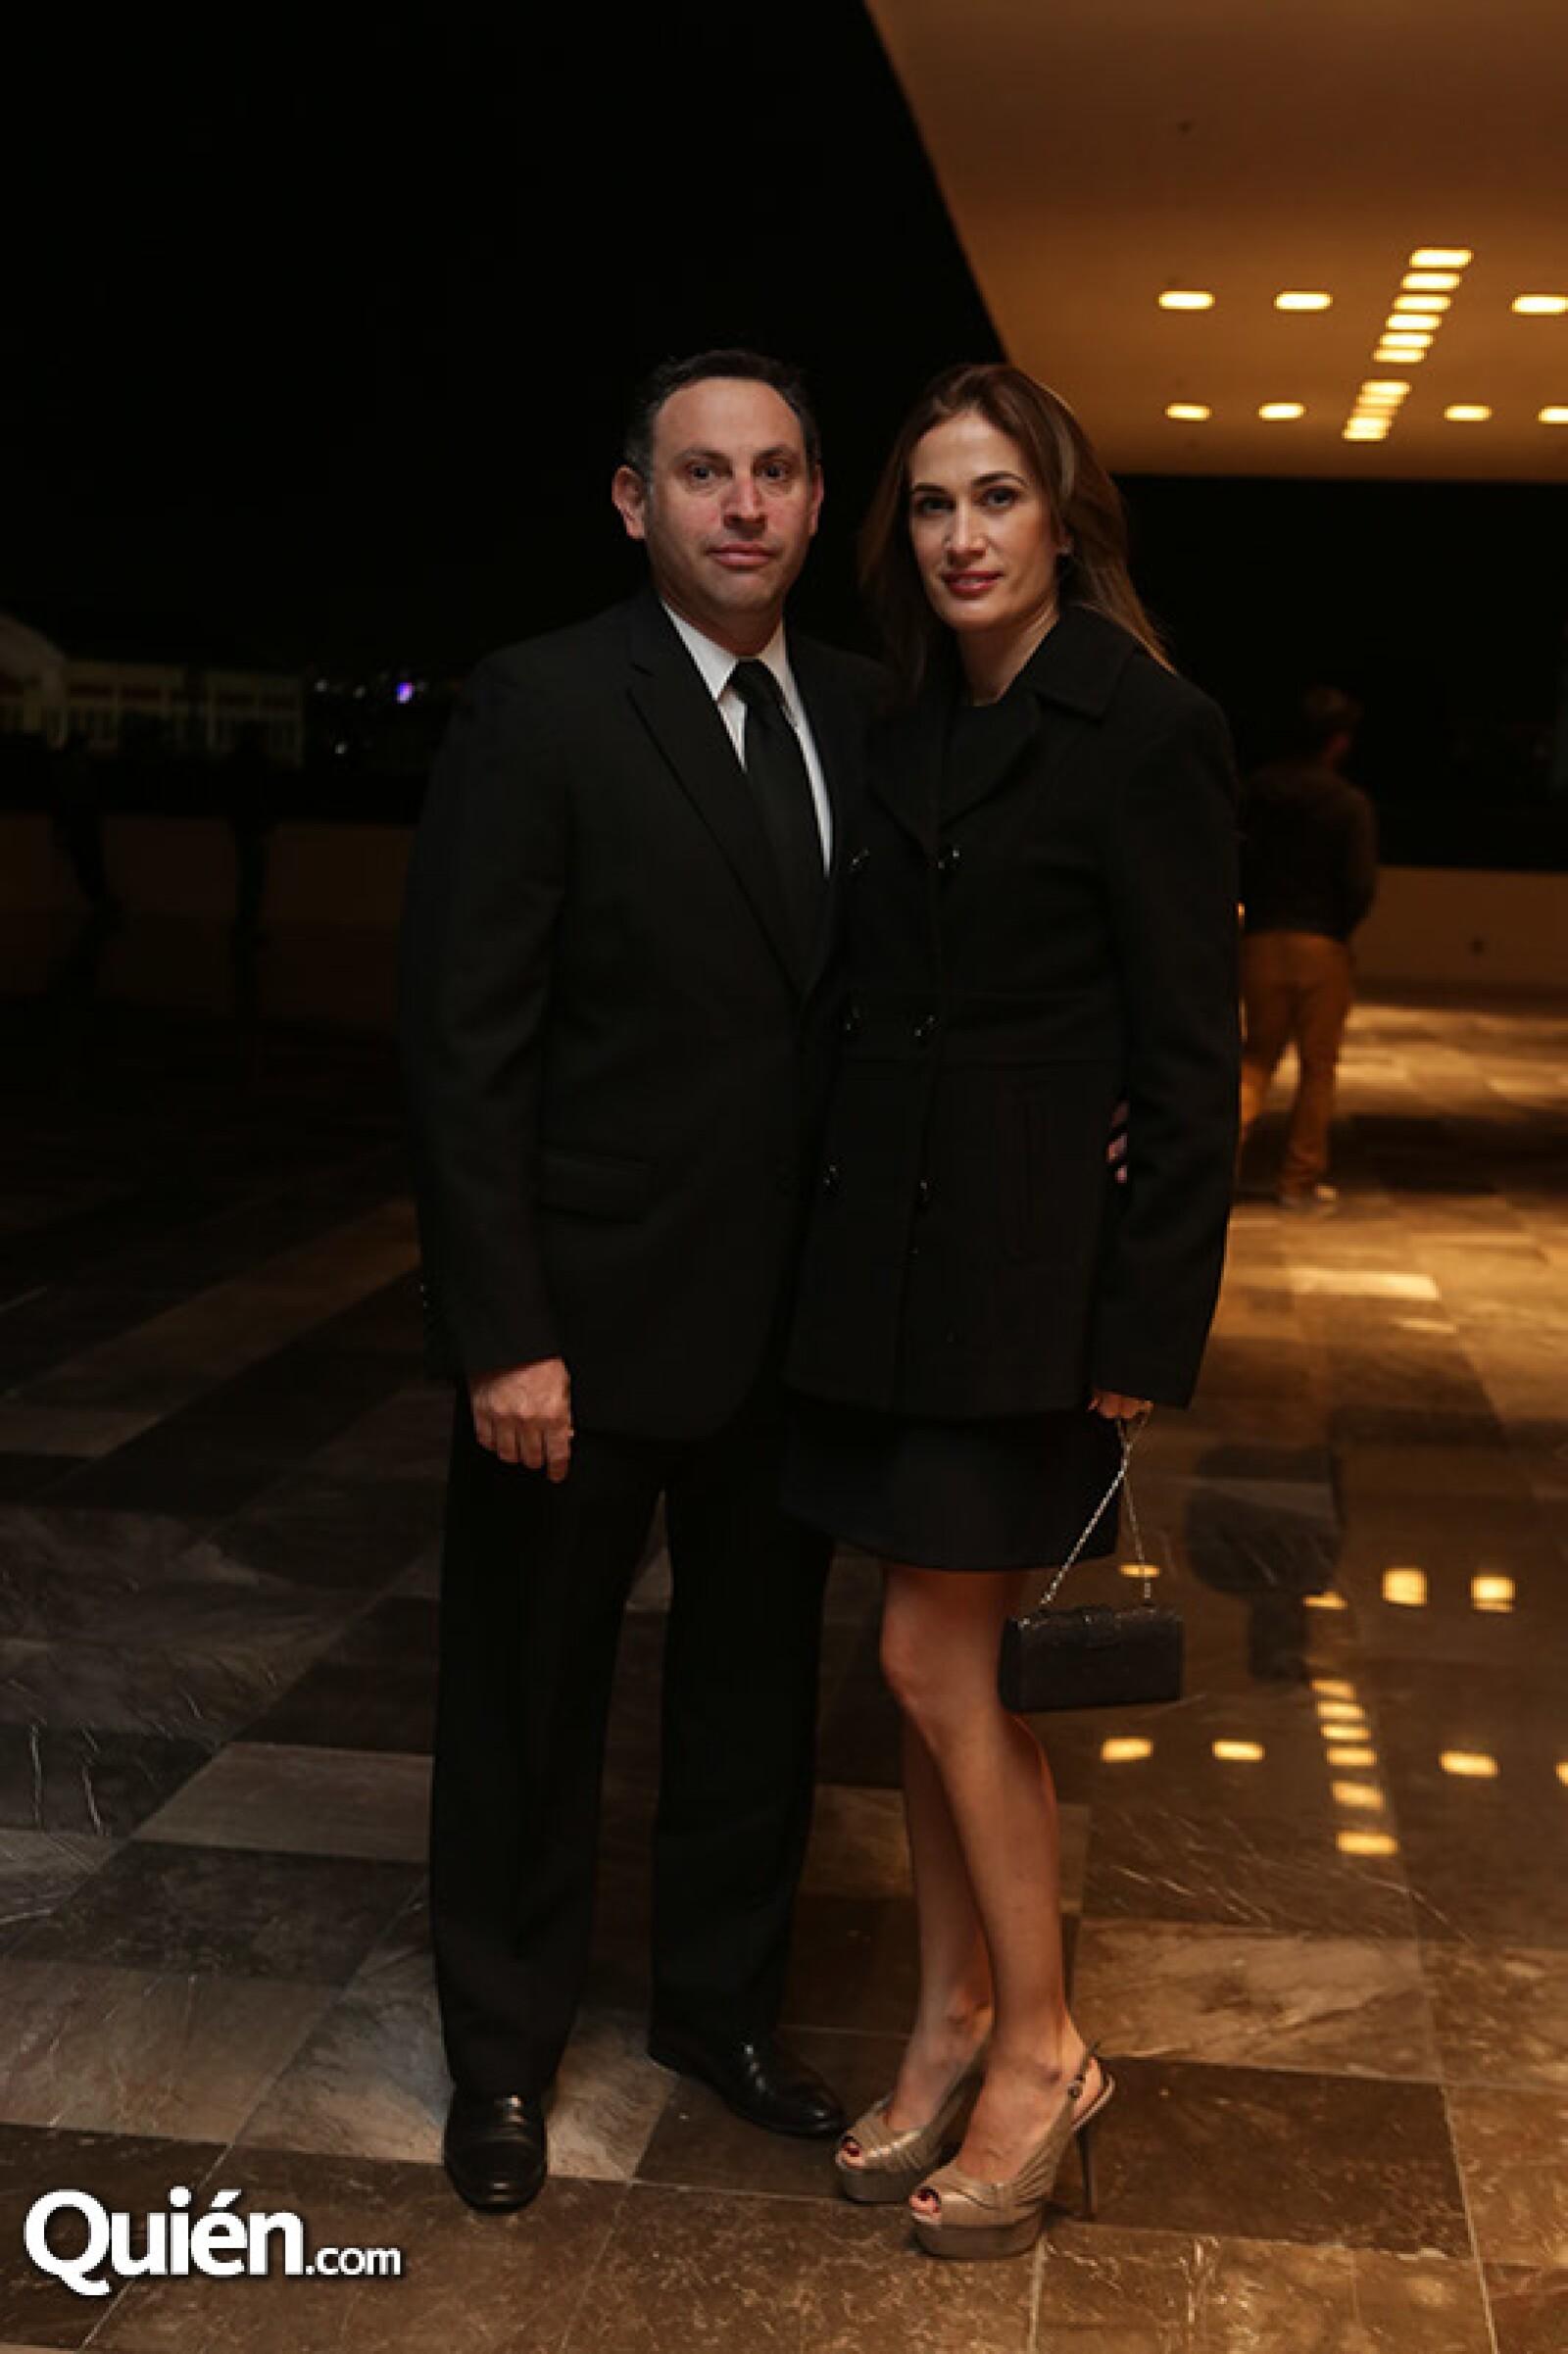 Fedrico Saevich y Verónica Mas